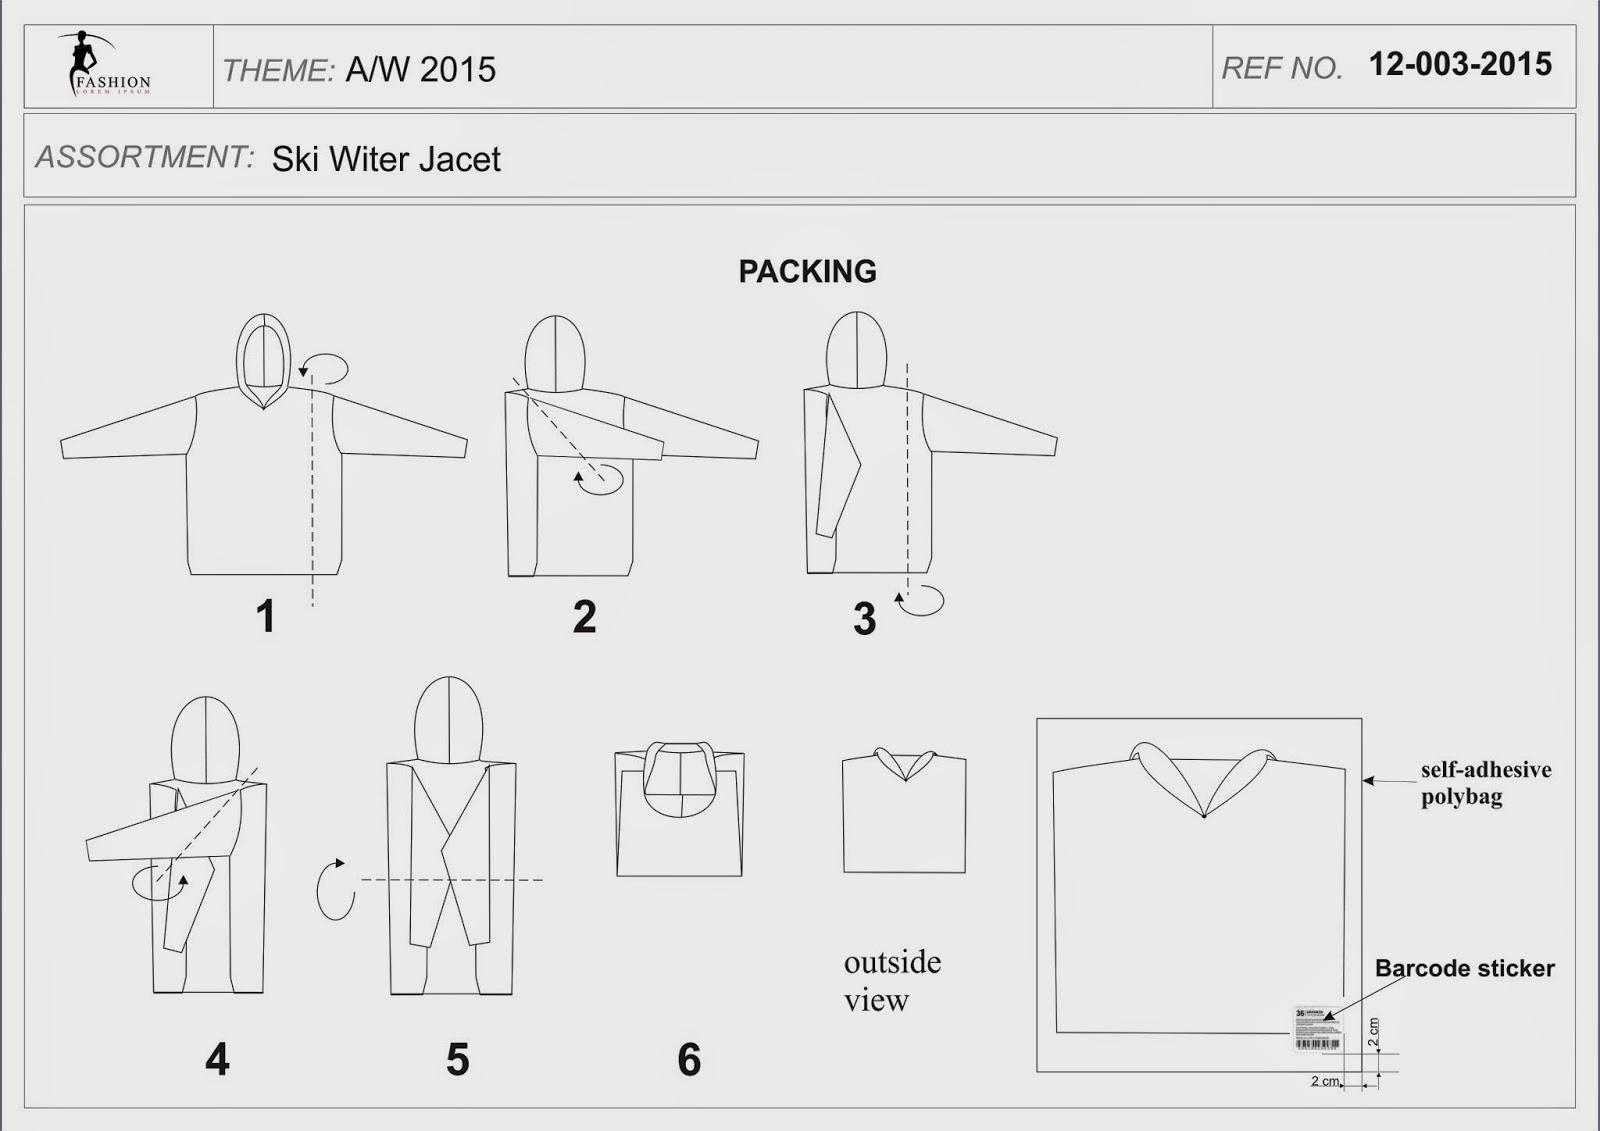 karta produktu - karta pakowania